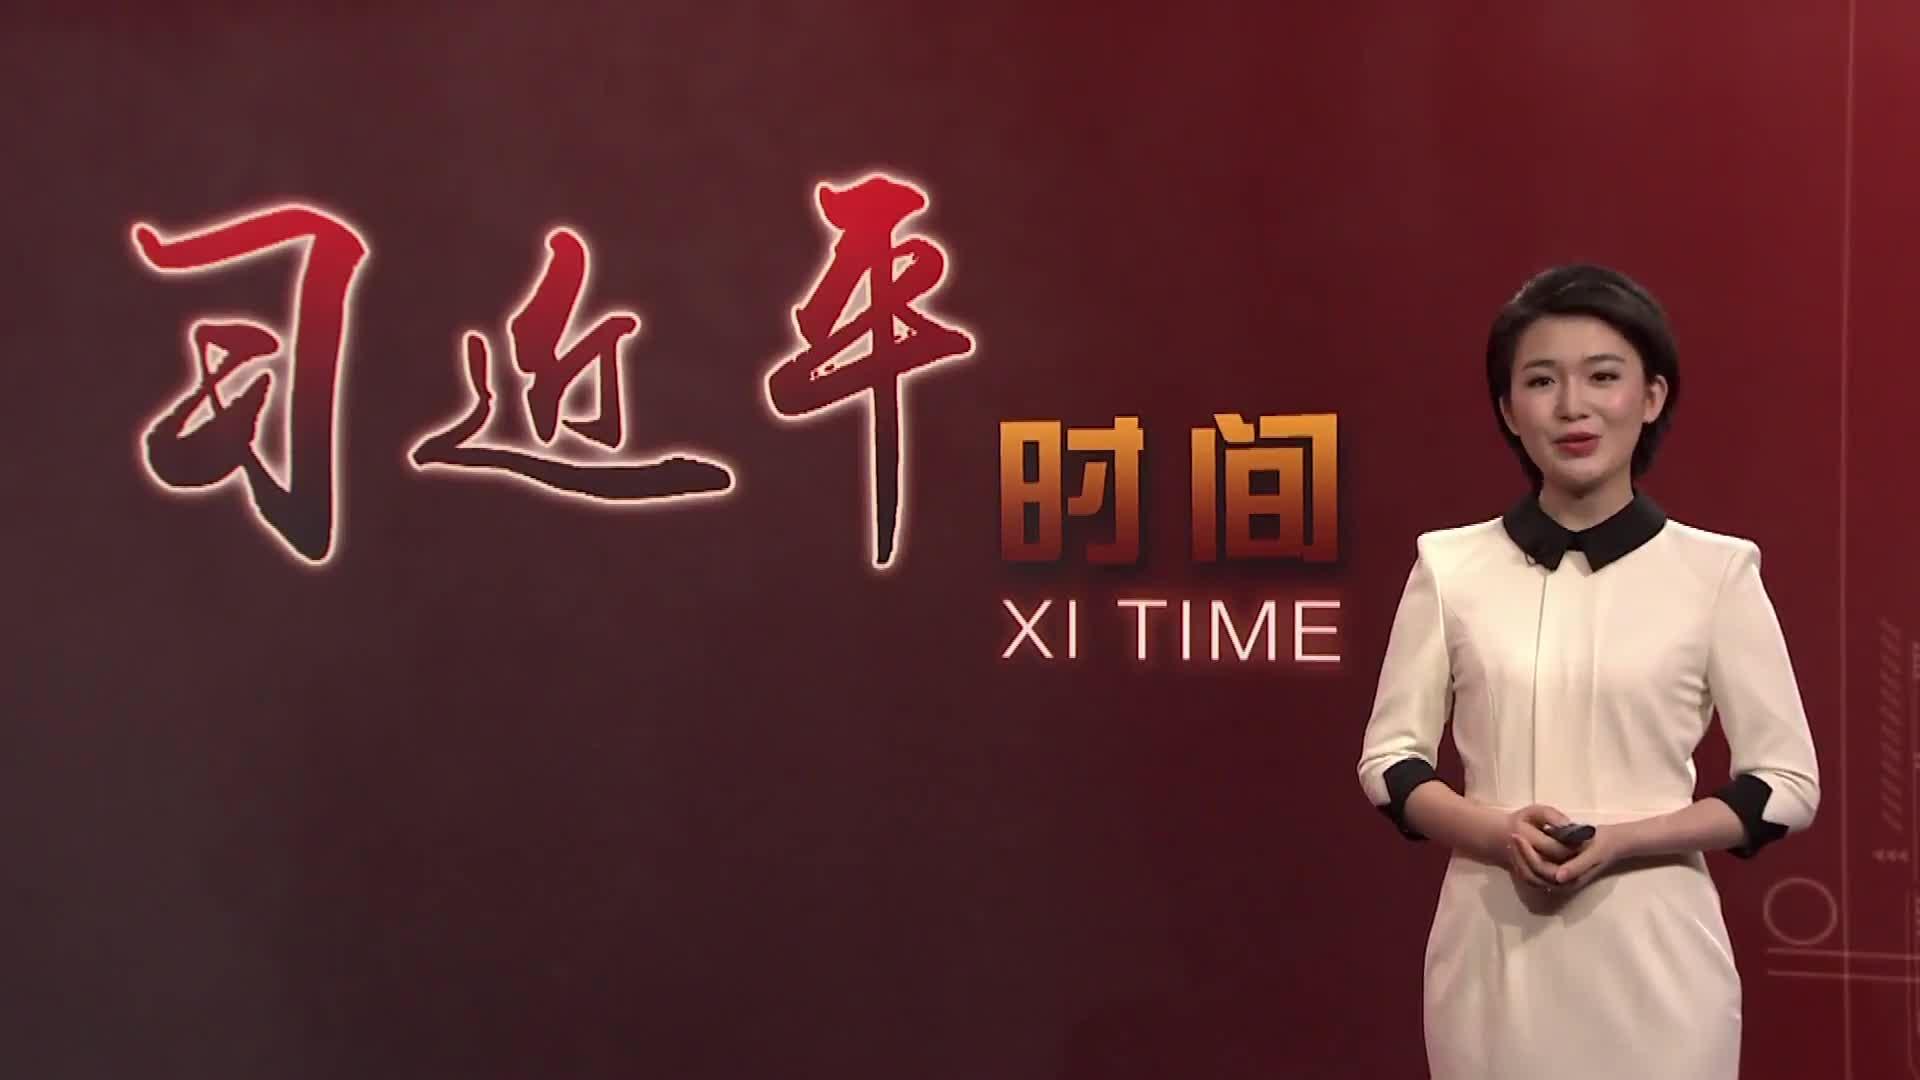 [视频]习近平时间 用体育拉近中国与世界的距离